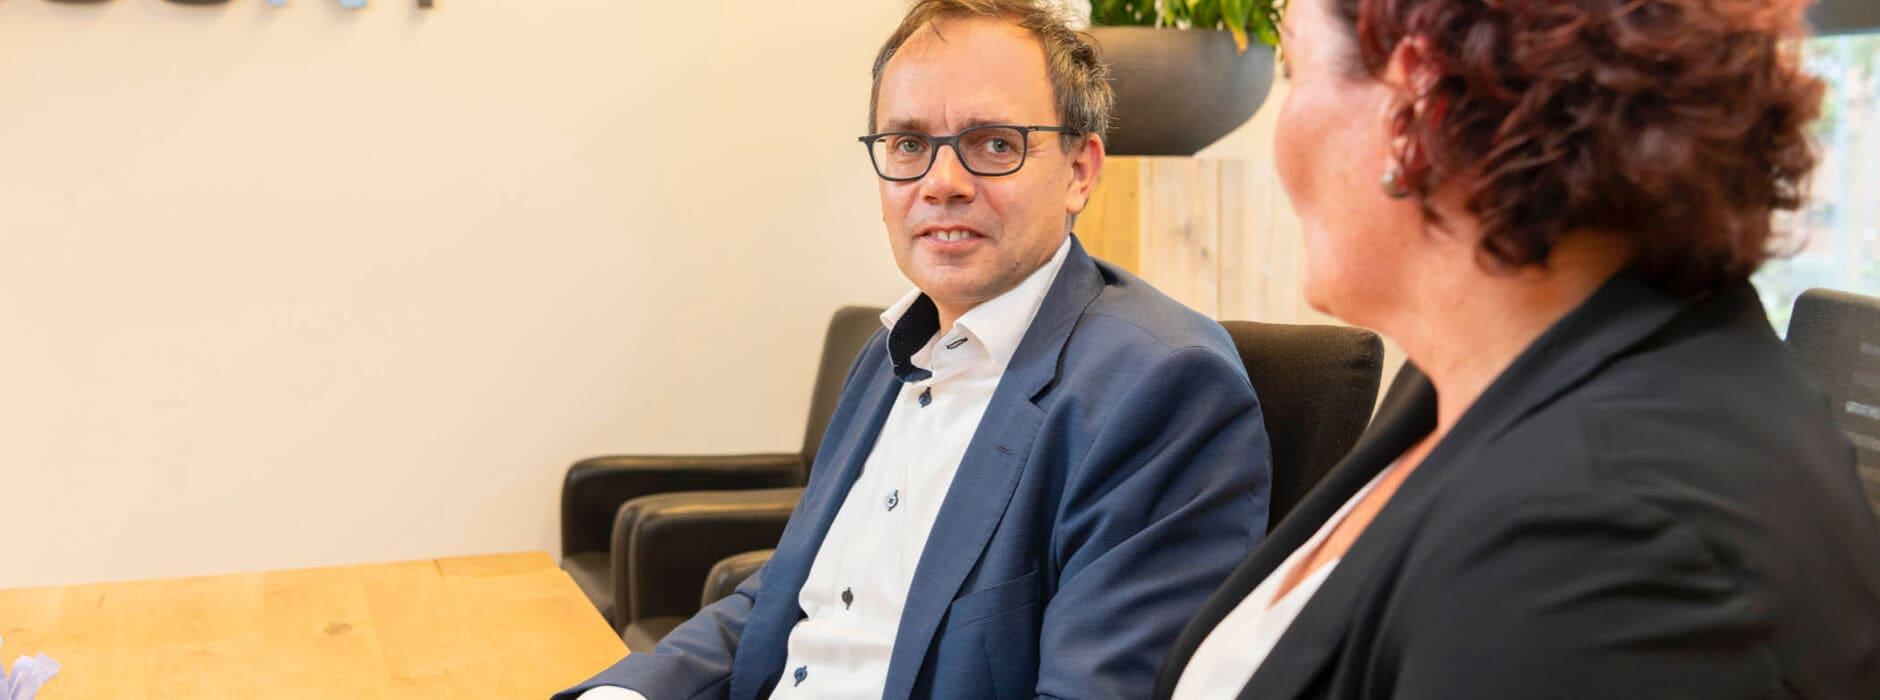 Samenwerkingspartners Sanacount Bedrijfs- en Belastingadvies